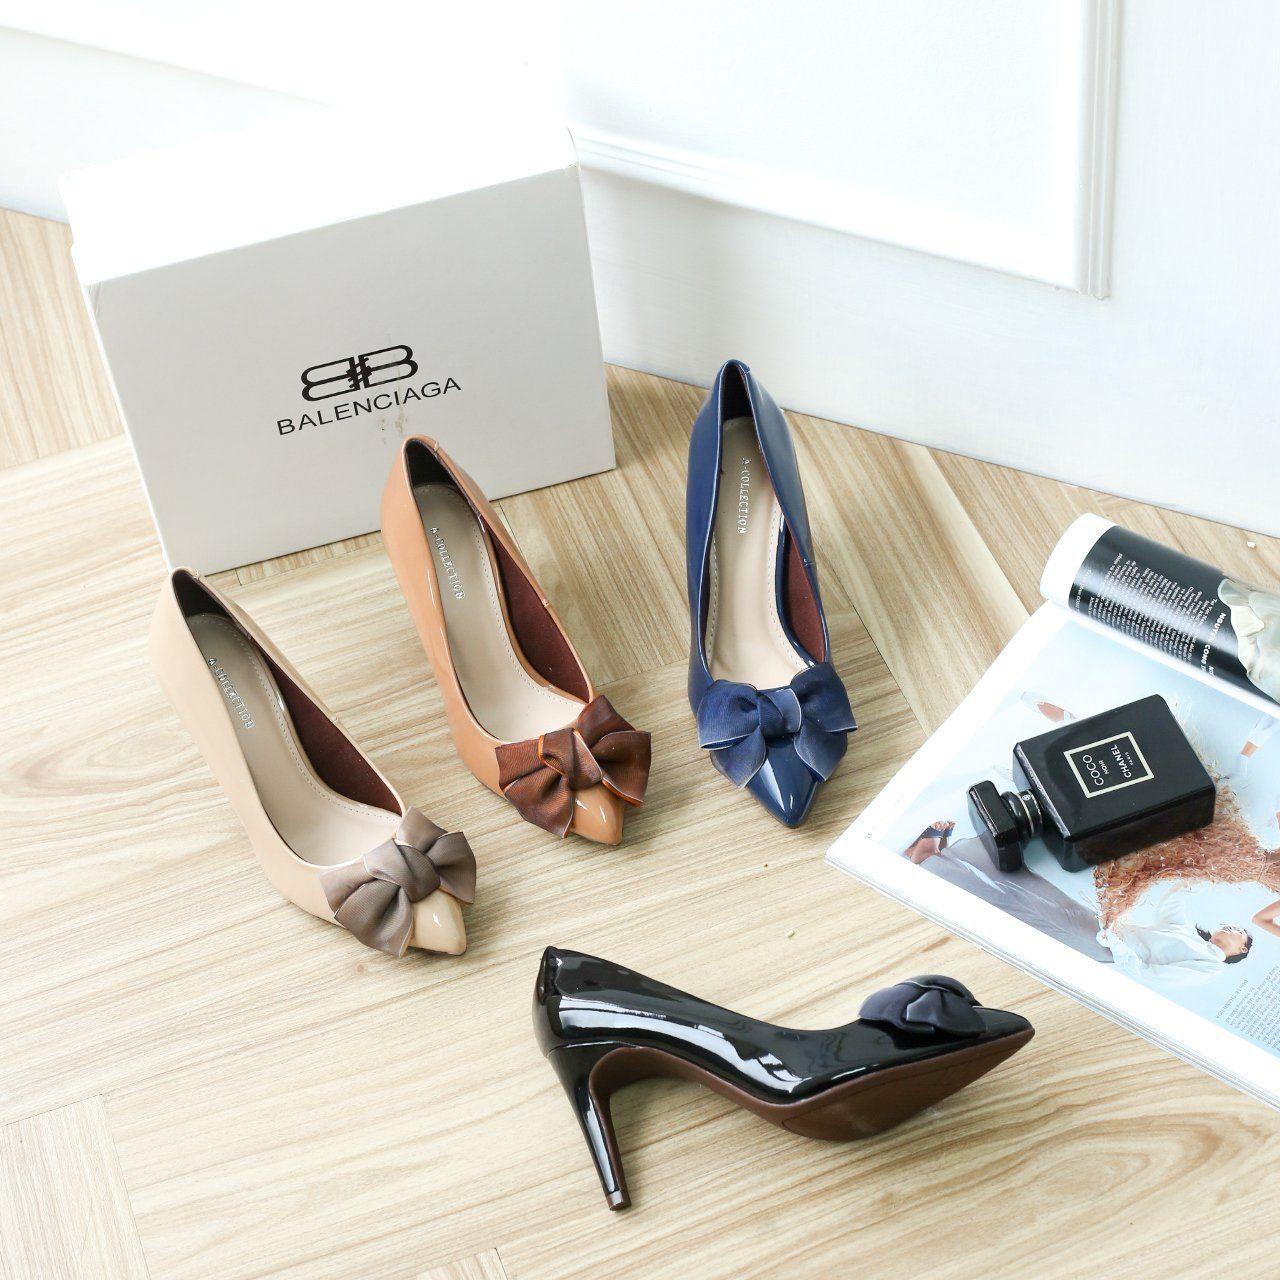 Giày cao gót đẹp chắc chắn sẽ mang đến việc kinh doanh thuận lợi